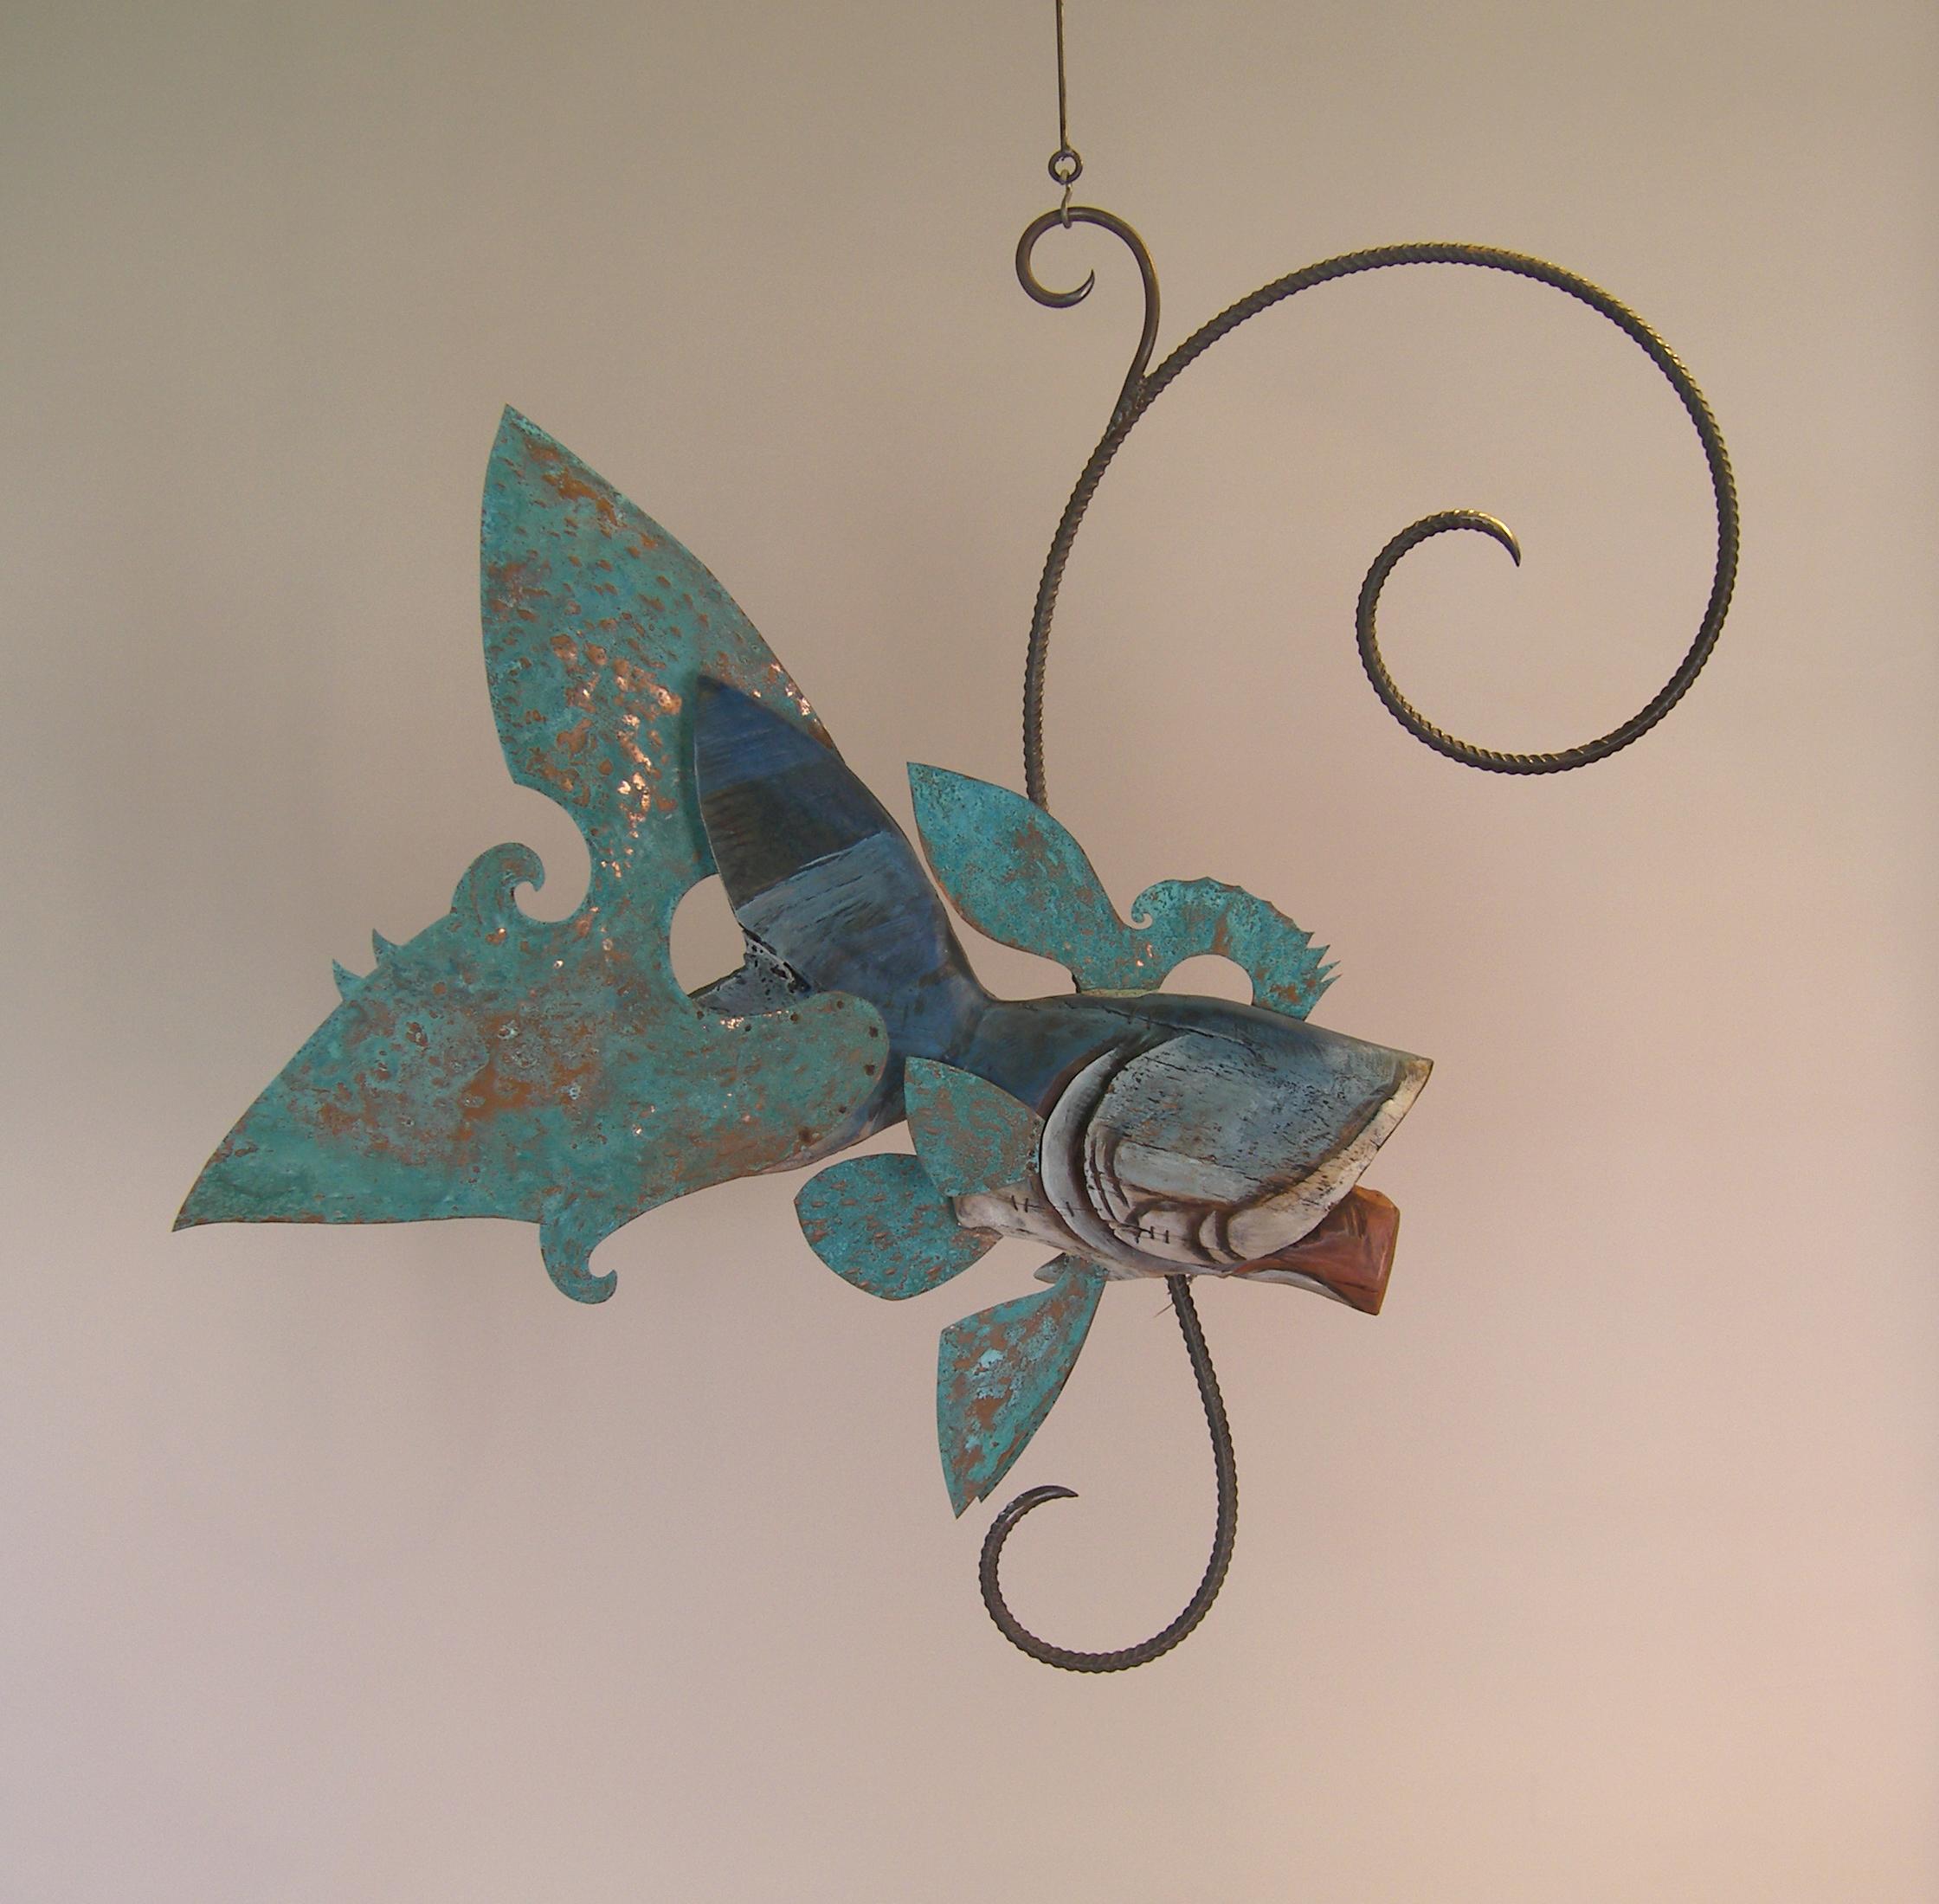 bluefish09-01.jpg